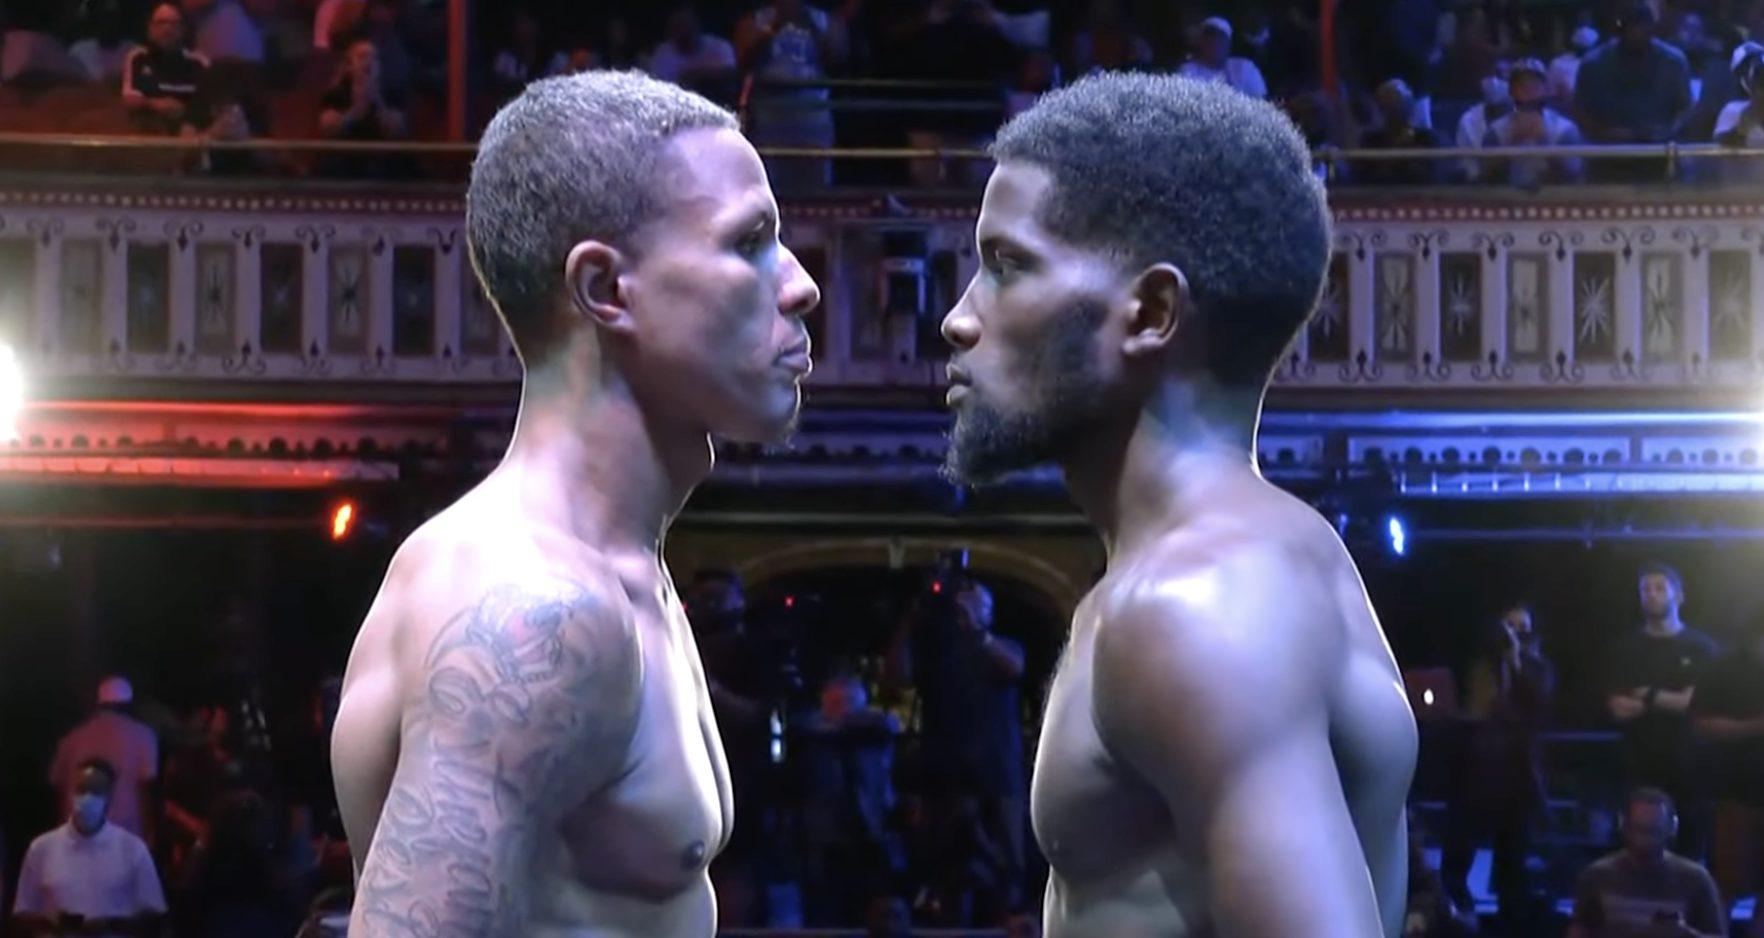 Erickson Lubin & Jeison Rosario make weight ahead of tomorrow | Boxen247.com (Kristian von Sponneck)